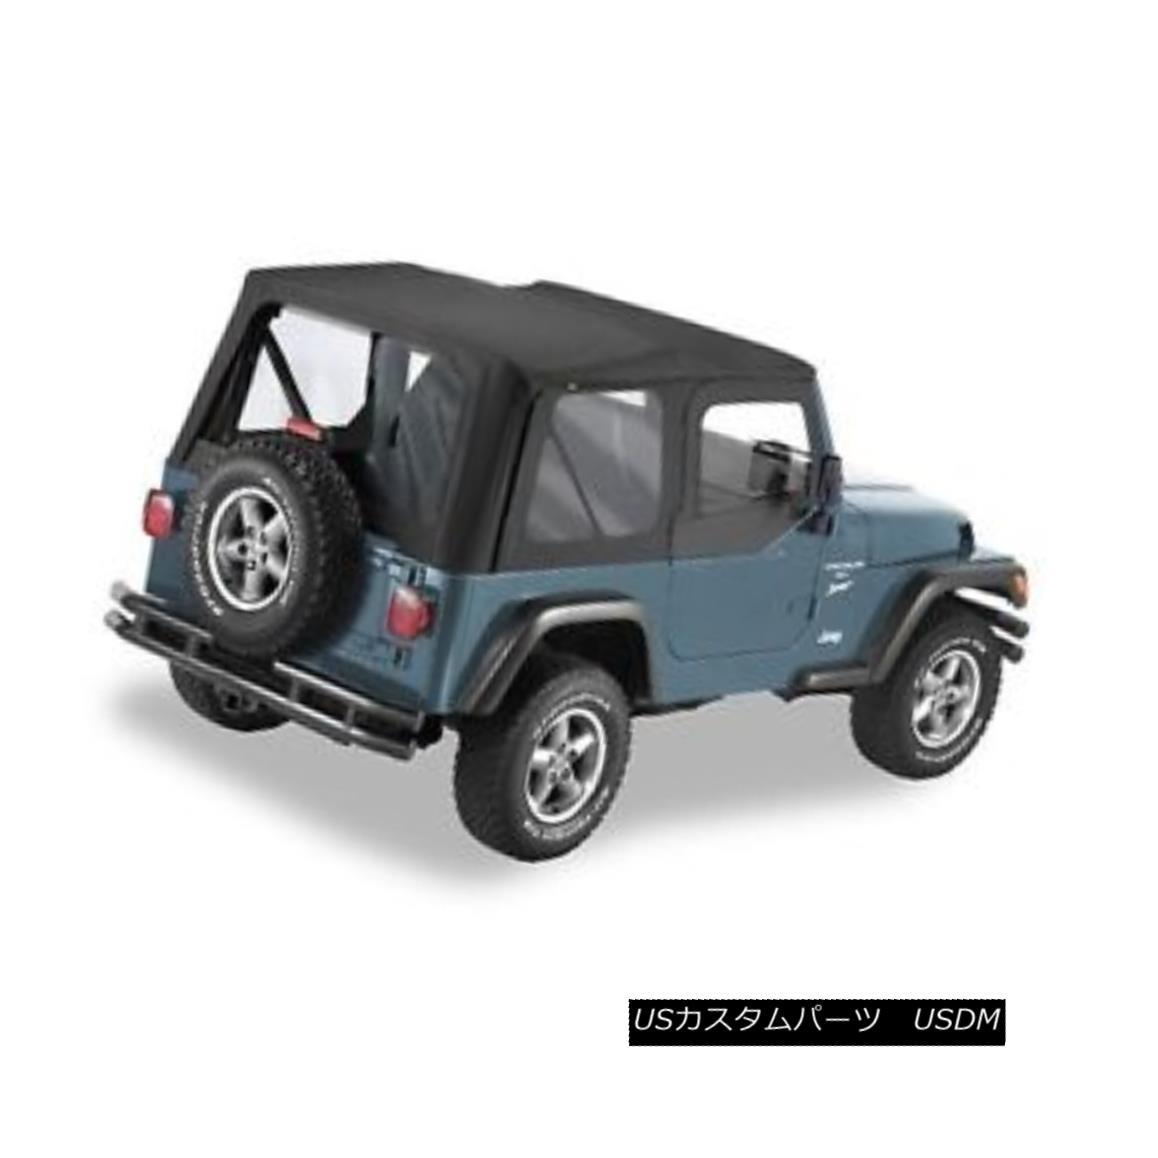 幌・ソフトトップ Pavement Ends Replay Top 97-06 Jeep Wrangler TJ Clear w/ Skins Black Diamond 舗装終了リプレイTop 97-06ジープ・ラングラーTJクリア・スキン・ブラック・ダイヤモンド